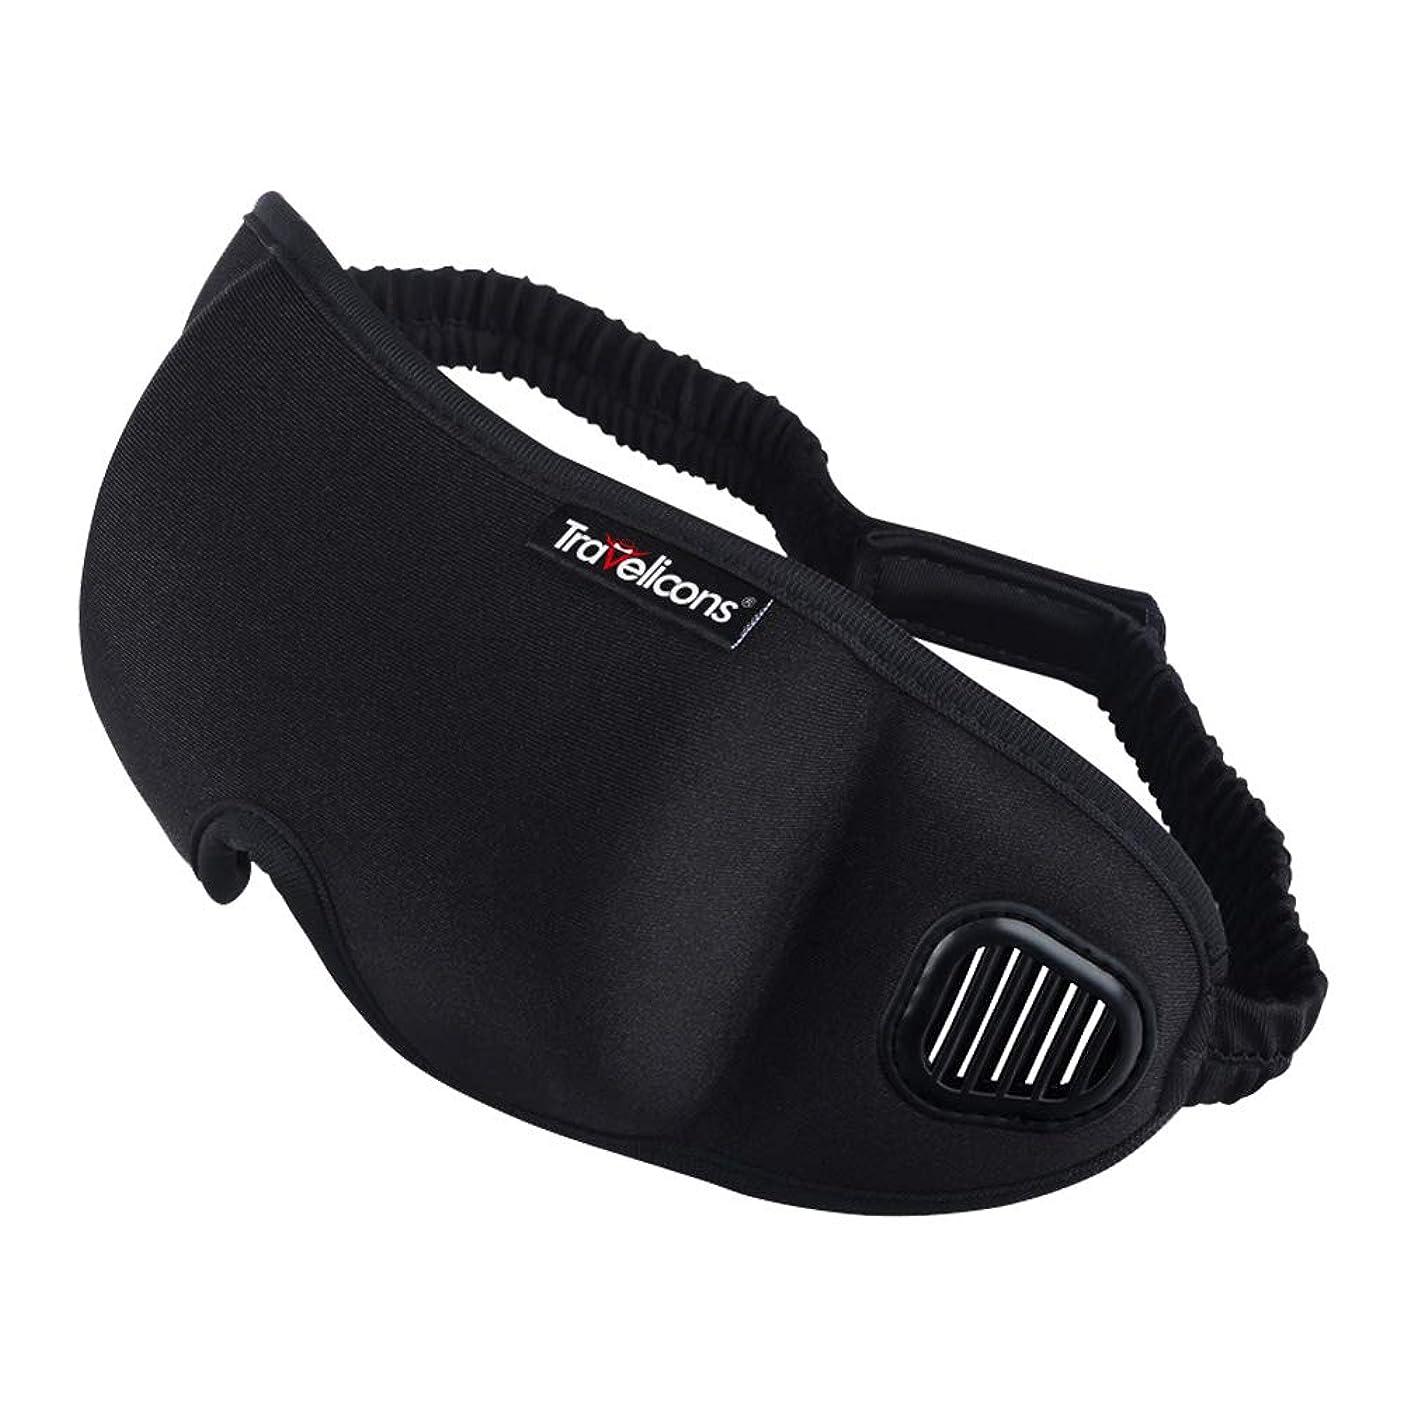 取り除く通行人食べるHealifty 旅行の家の使用のための3D睡眠のマスクの通気性の綿の目隠しをしている睡眠の睡眠(耳栓のない黒)